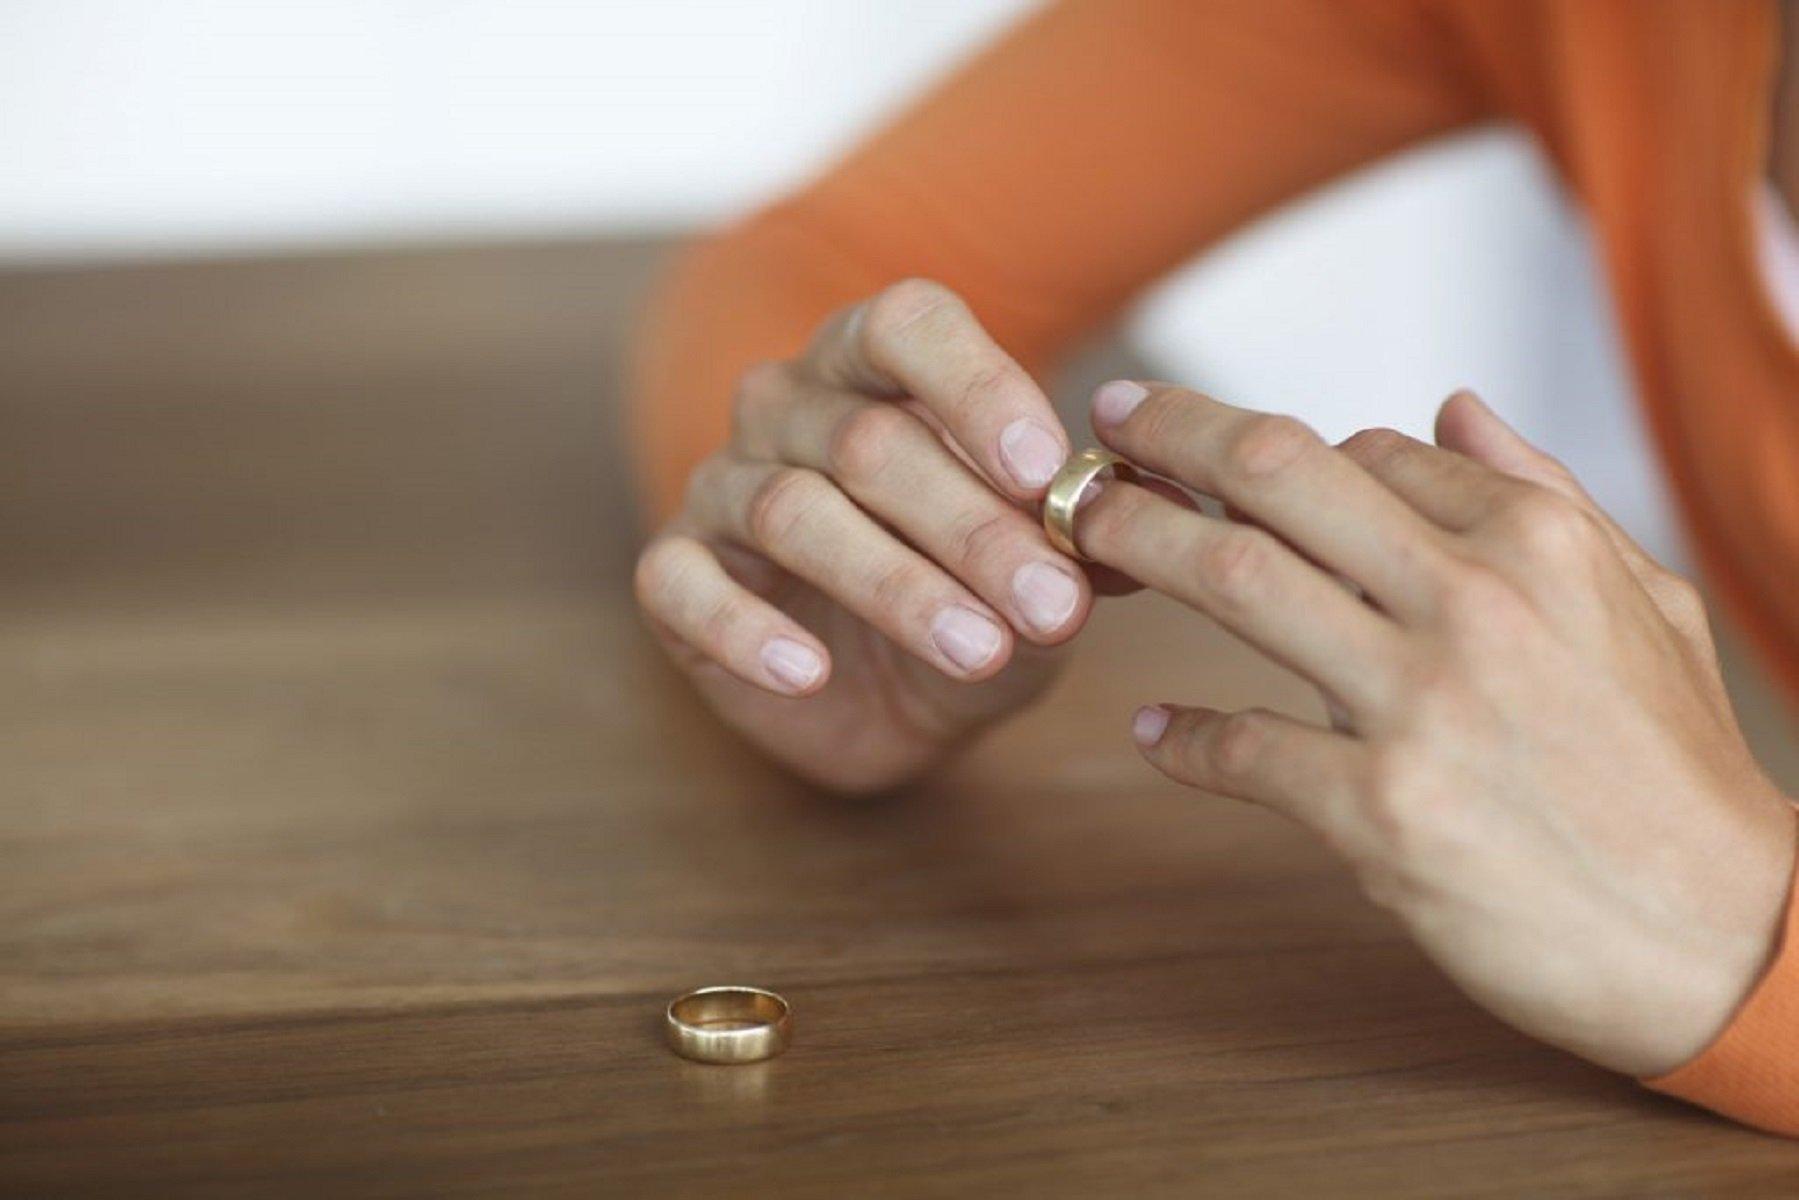 Как пережить развод безболезненно: советы для мужчин и женщин